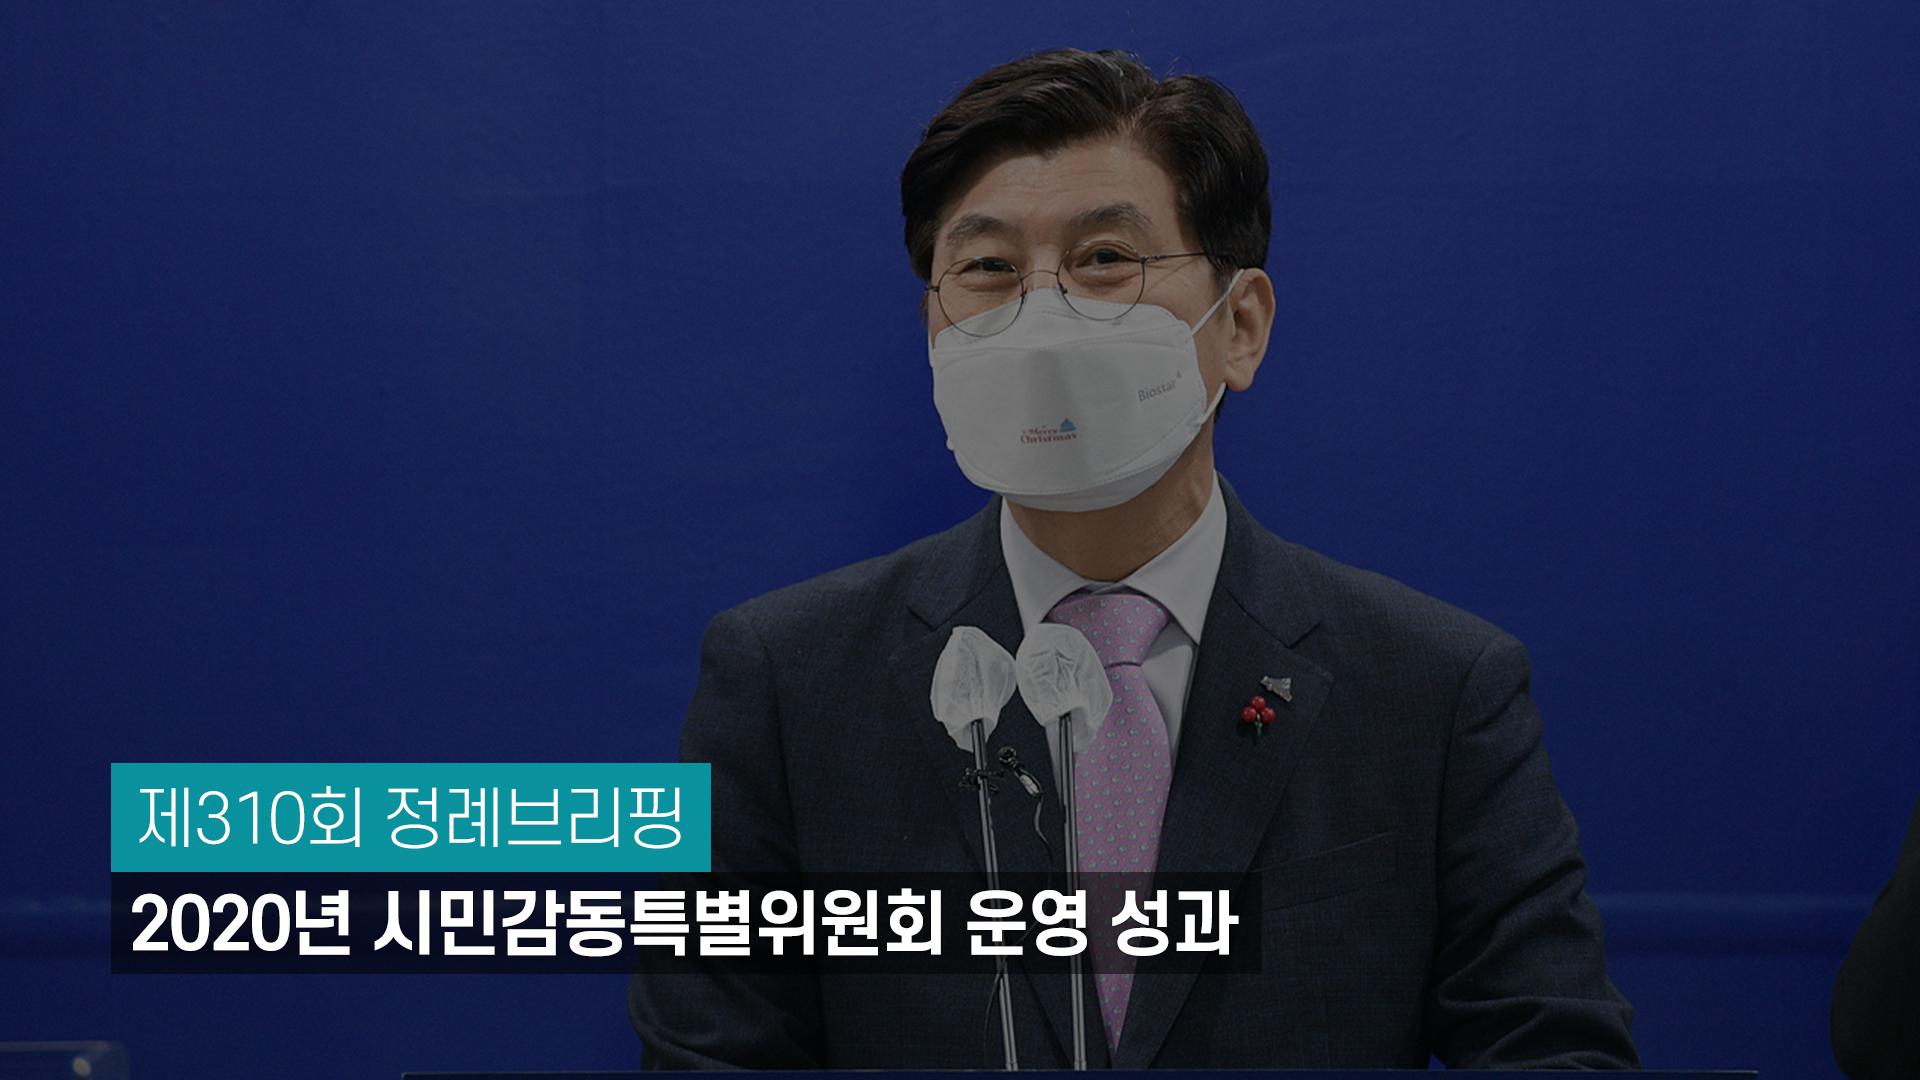 <310번째 정례브리핑> 2020년 시민감동특별위원회 운영 성과